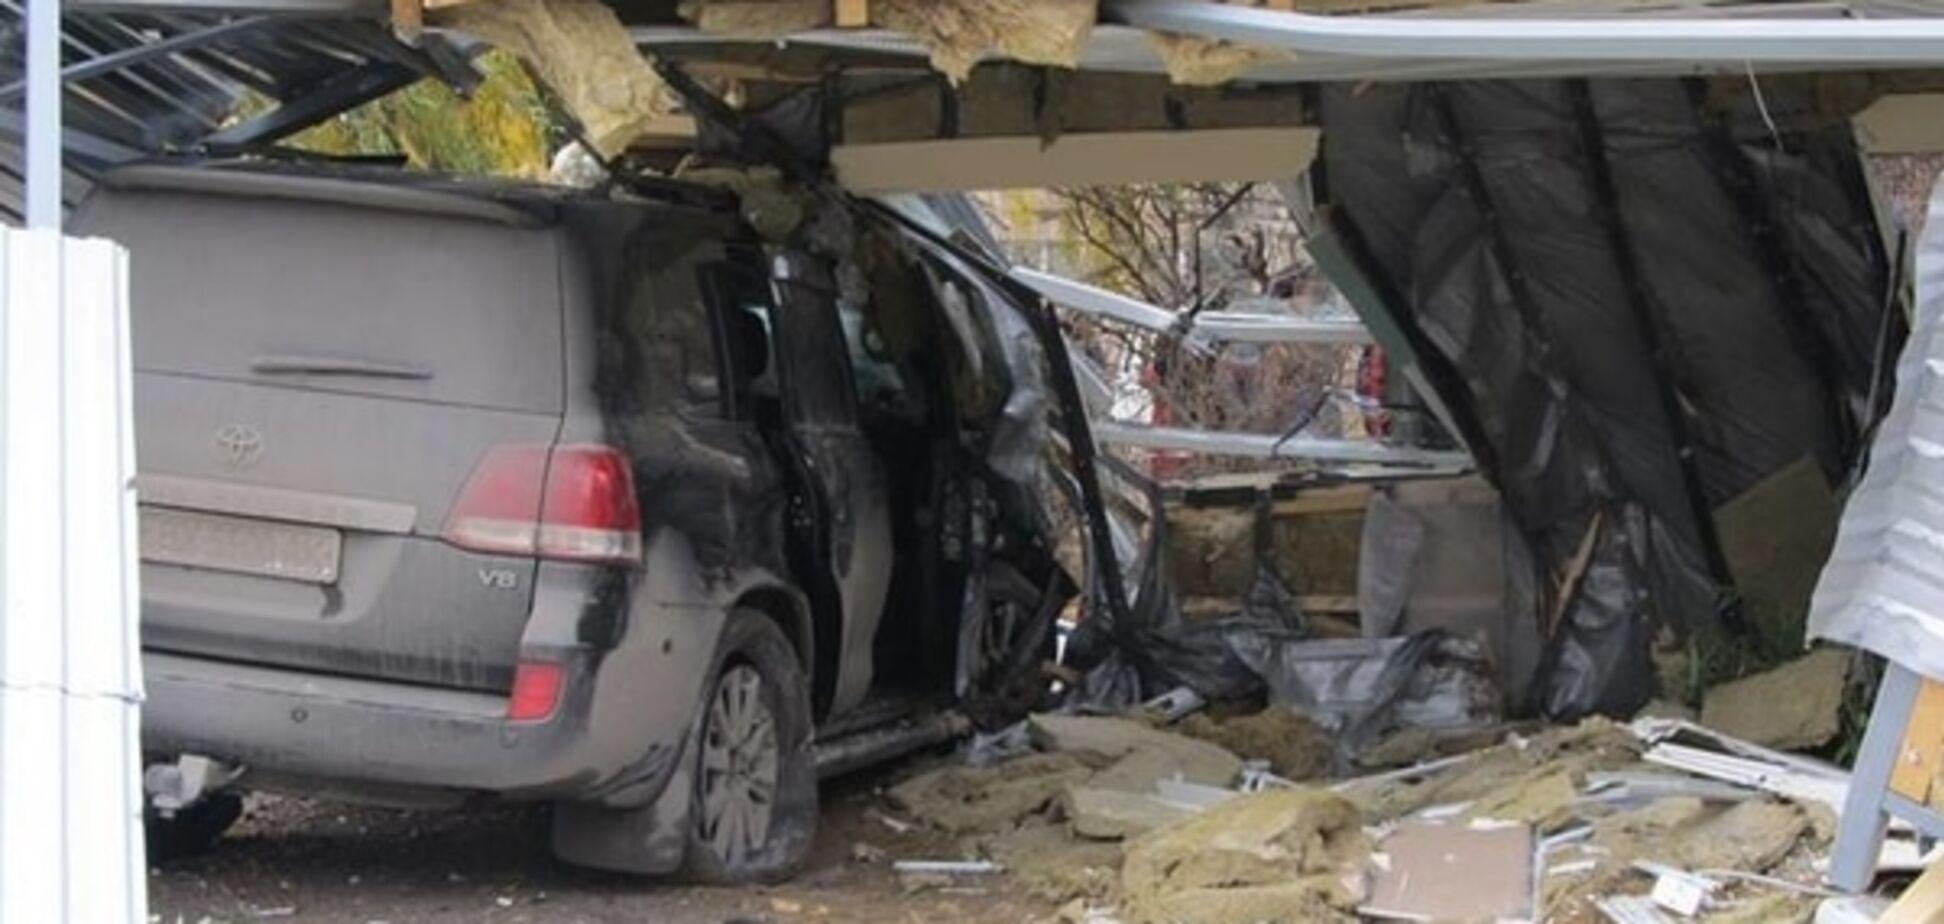 Жахлива ДТП на Хмельниччині: екс-регіонал на джипі врізався в зупинку з людьми